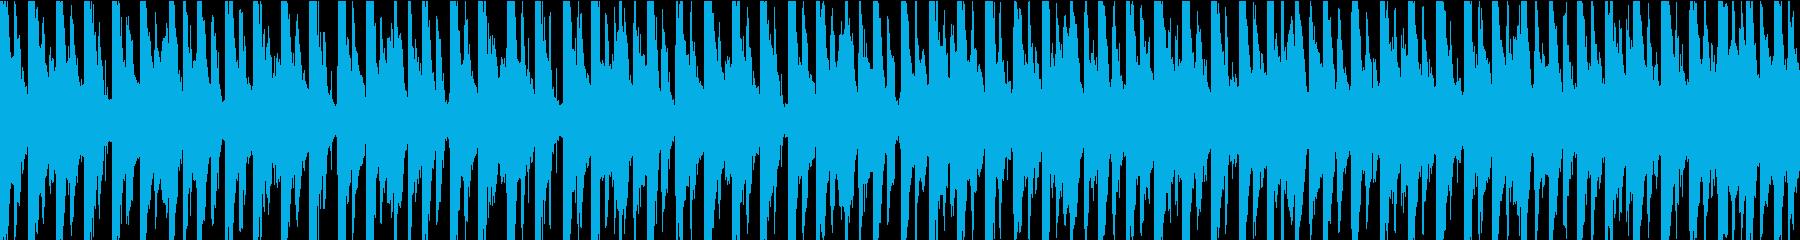 明るくファンキーなエレクトロダンス...の再生済みの波形